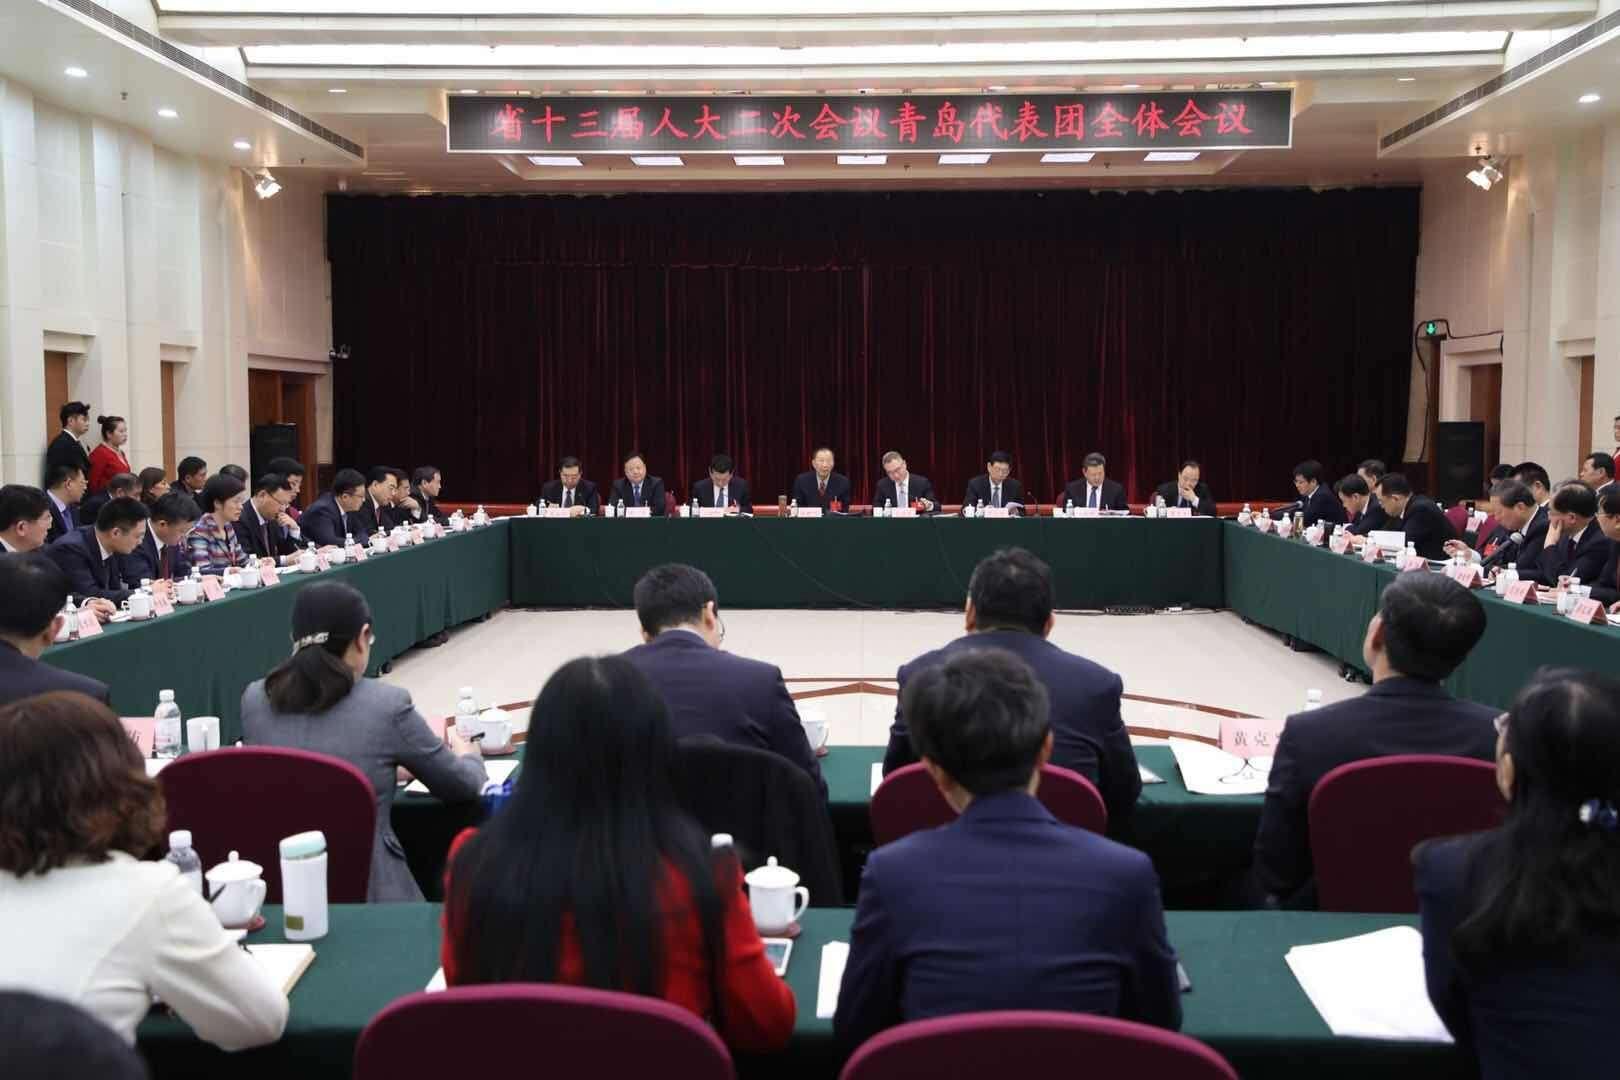 青岛市长孟凡利:更好发挥青岛优势 昂起经济发展龙头